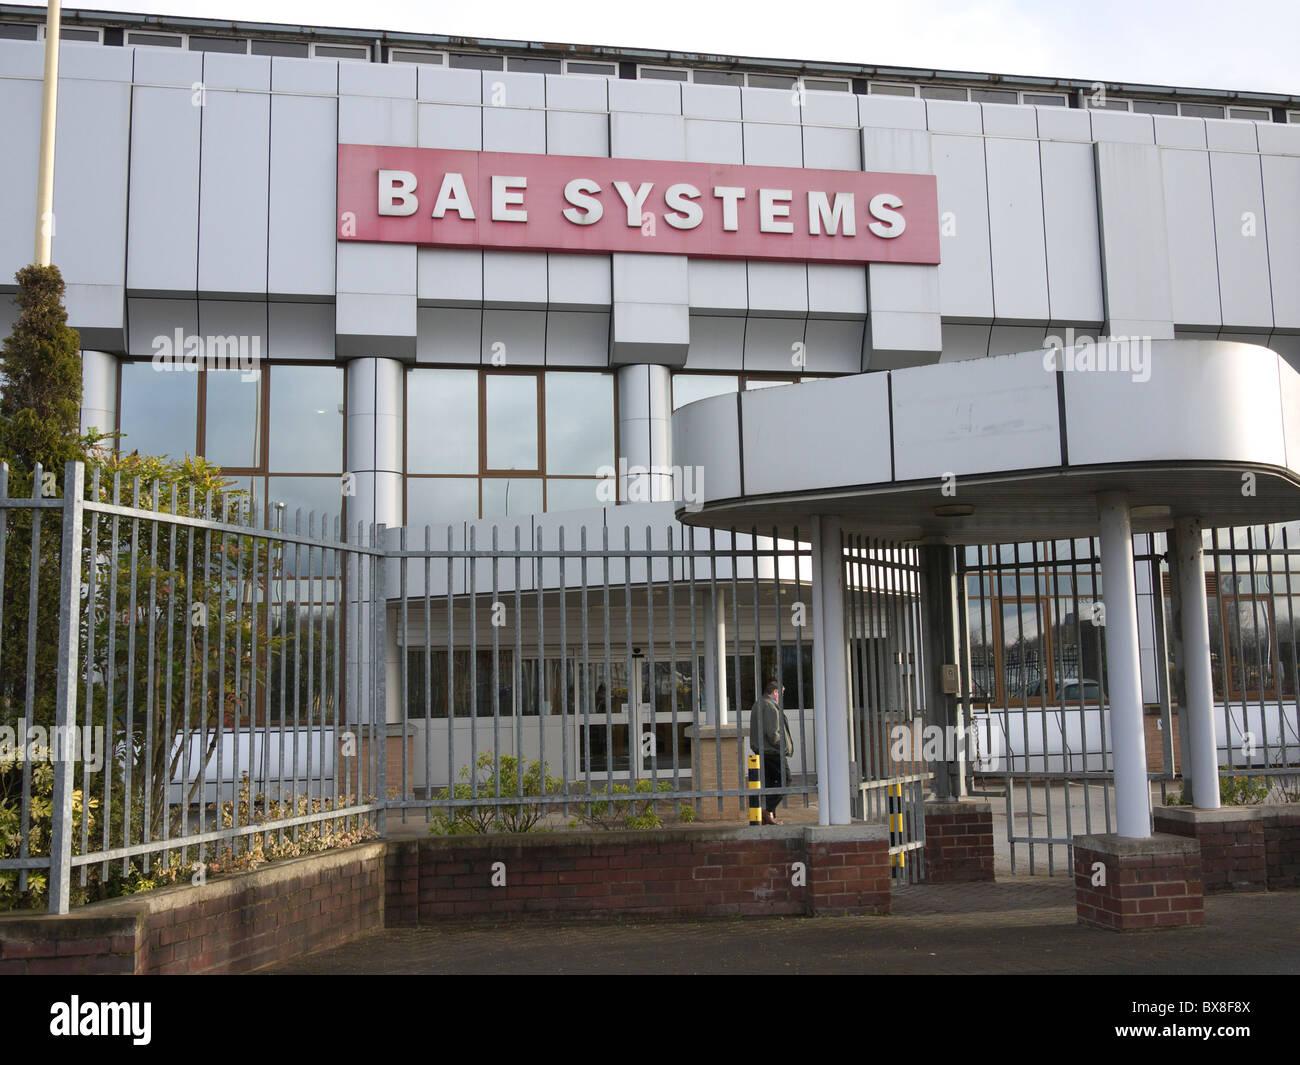 BAE Systems, Chadderton, Oldham, Lancashire, England, UK - Stock Image